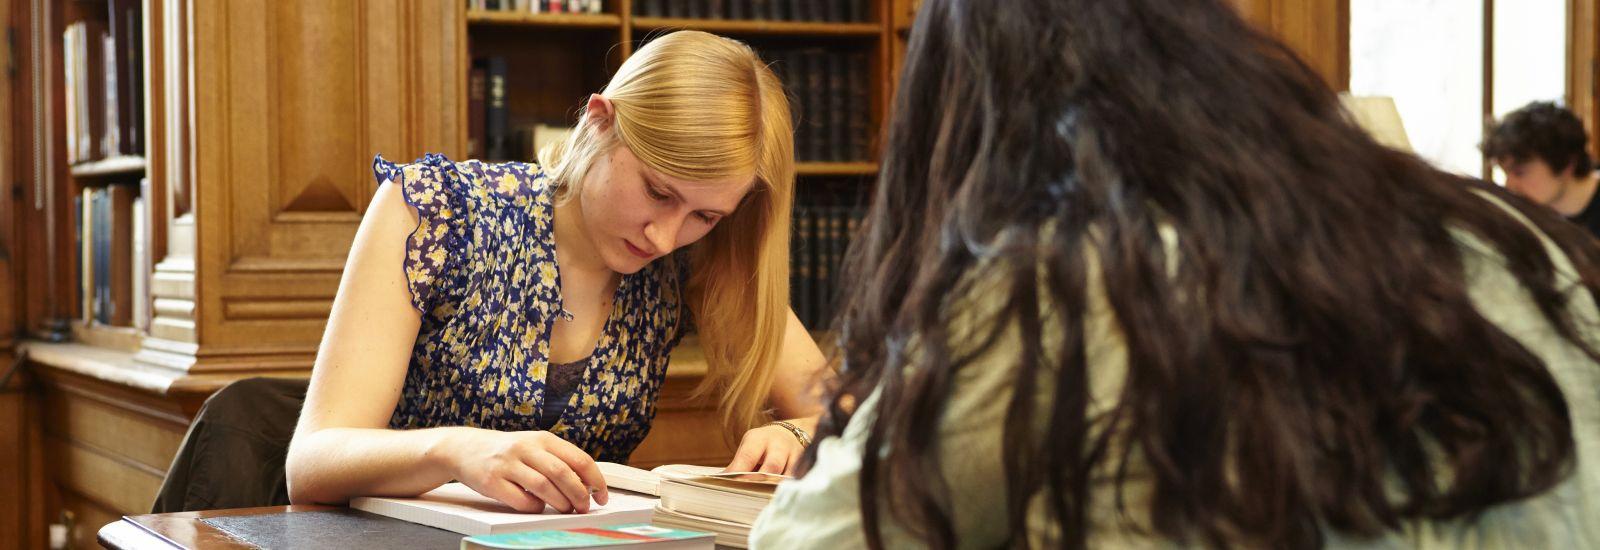 Queen Elizabeth Scholarship